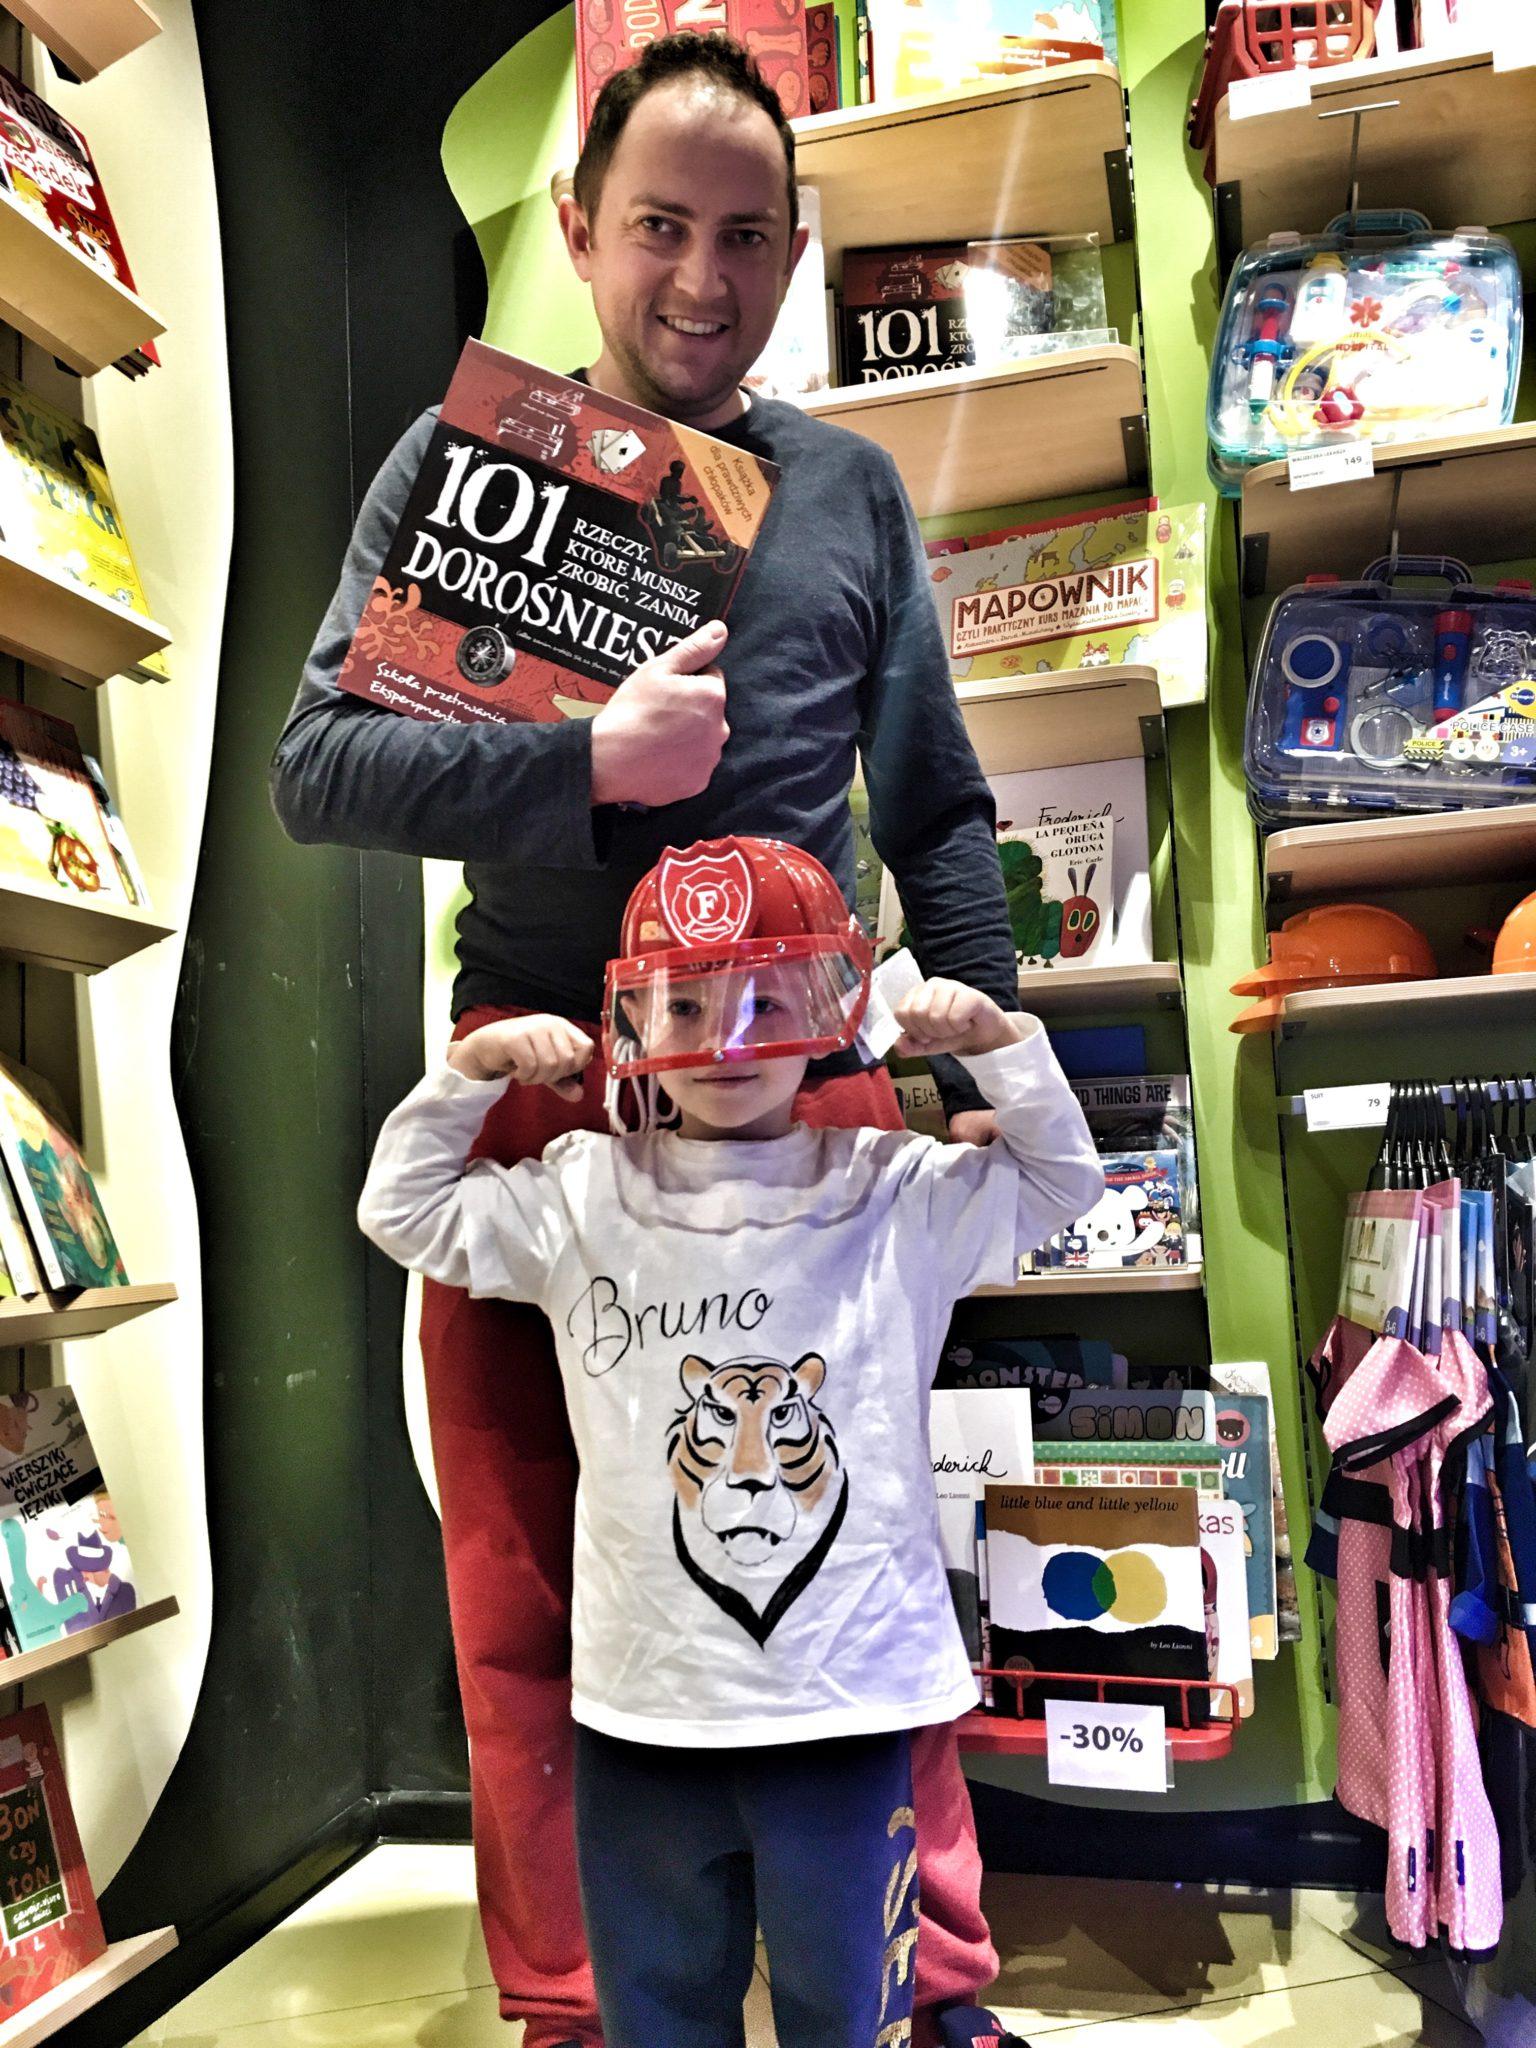 Imaginarium, jeden z lepszych sklepów dla dzieci. Takietoys4boys dla dzieciaków. Tych starszych również. 30 latkowie znajdą tam coś dla siebie i swoich dzieci.